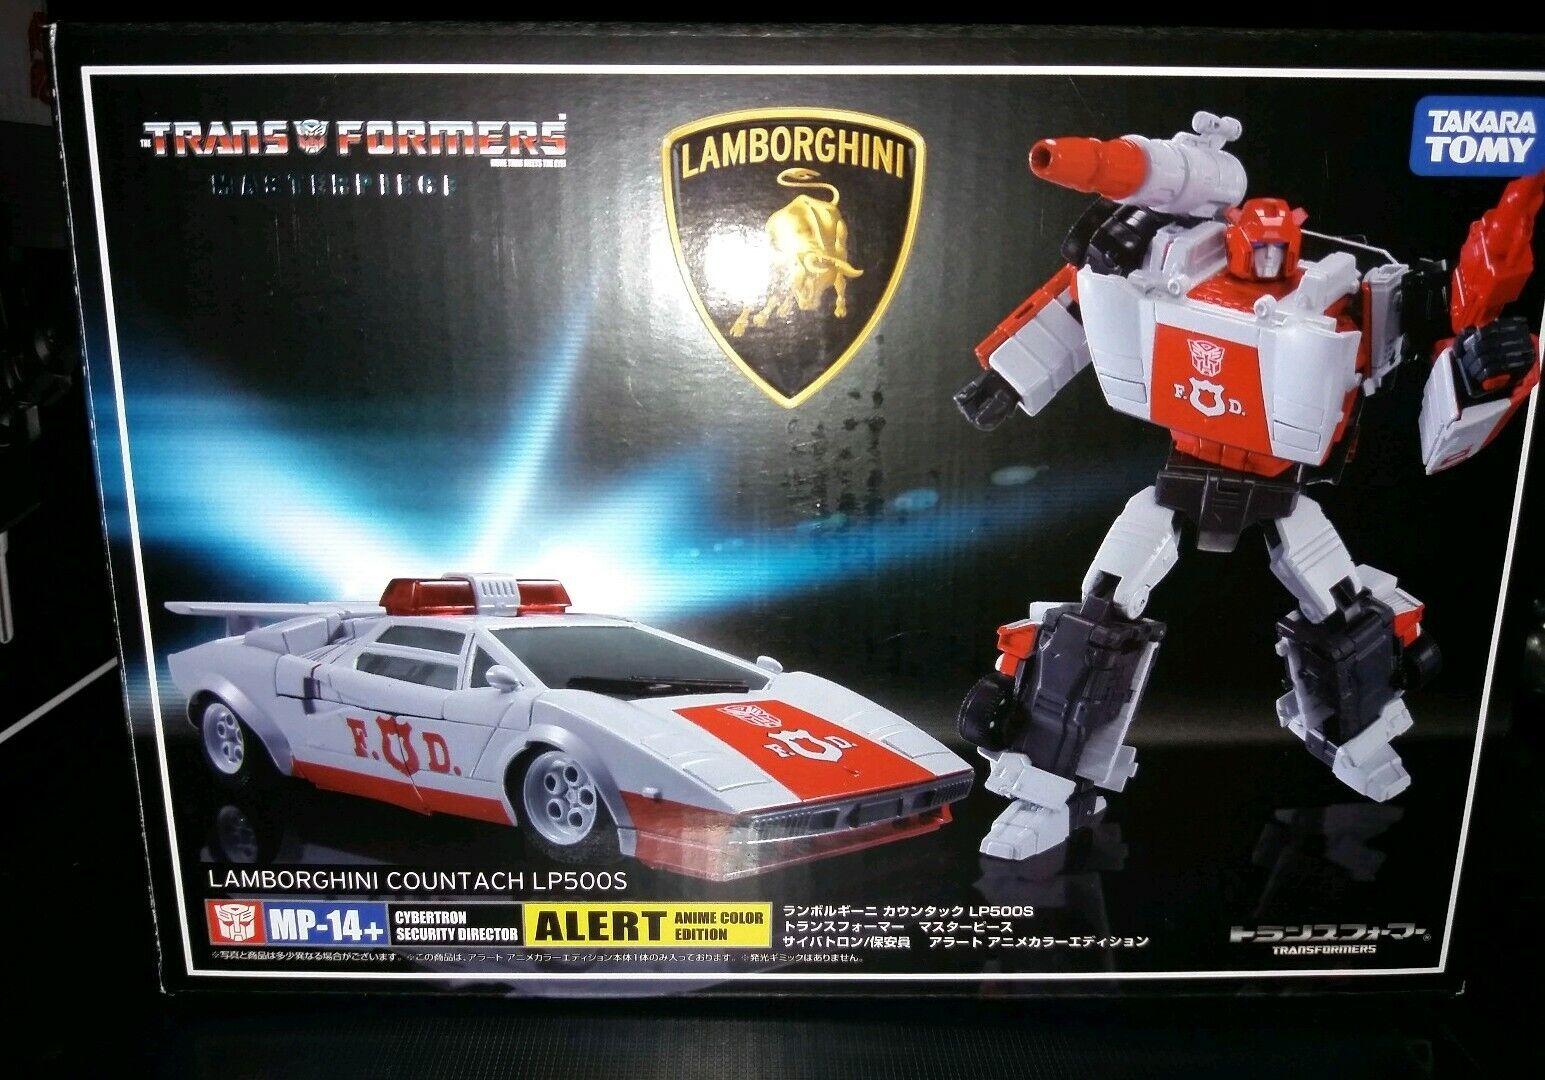 Nuovo di zecca con scatola MP-14+ TAKARA Alert Transformers Masterpiece rosso Alert